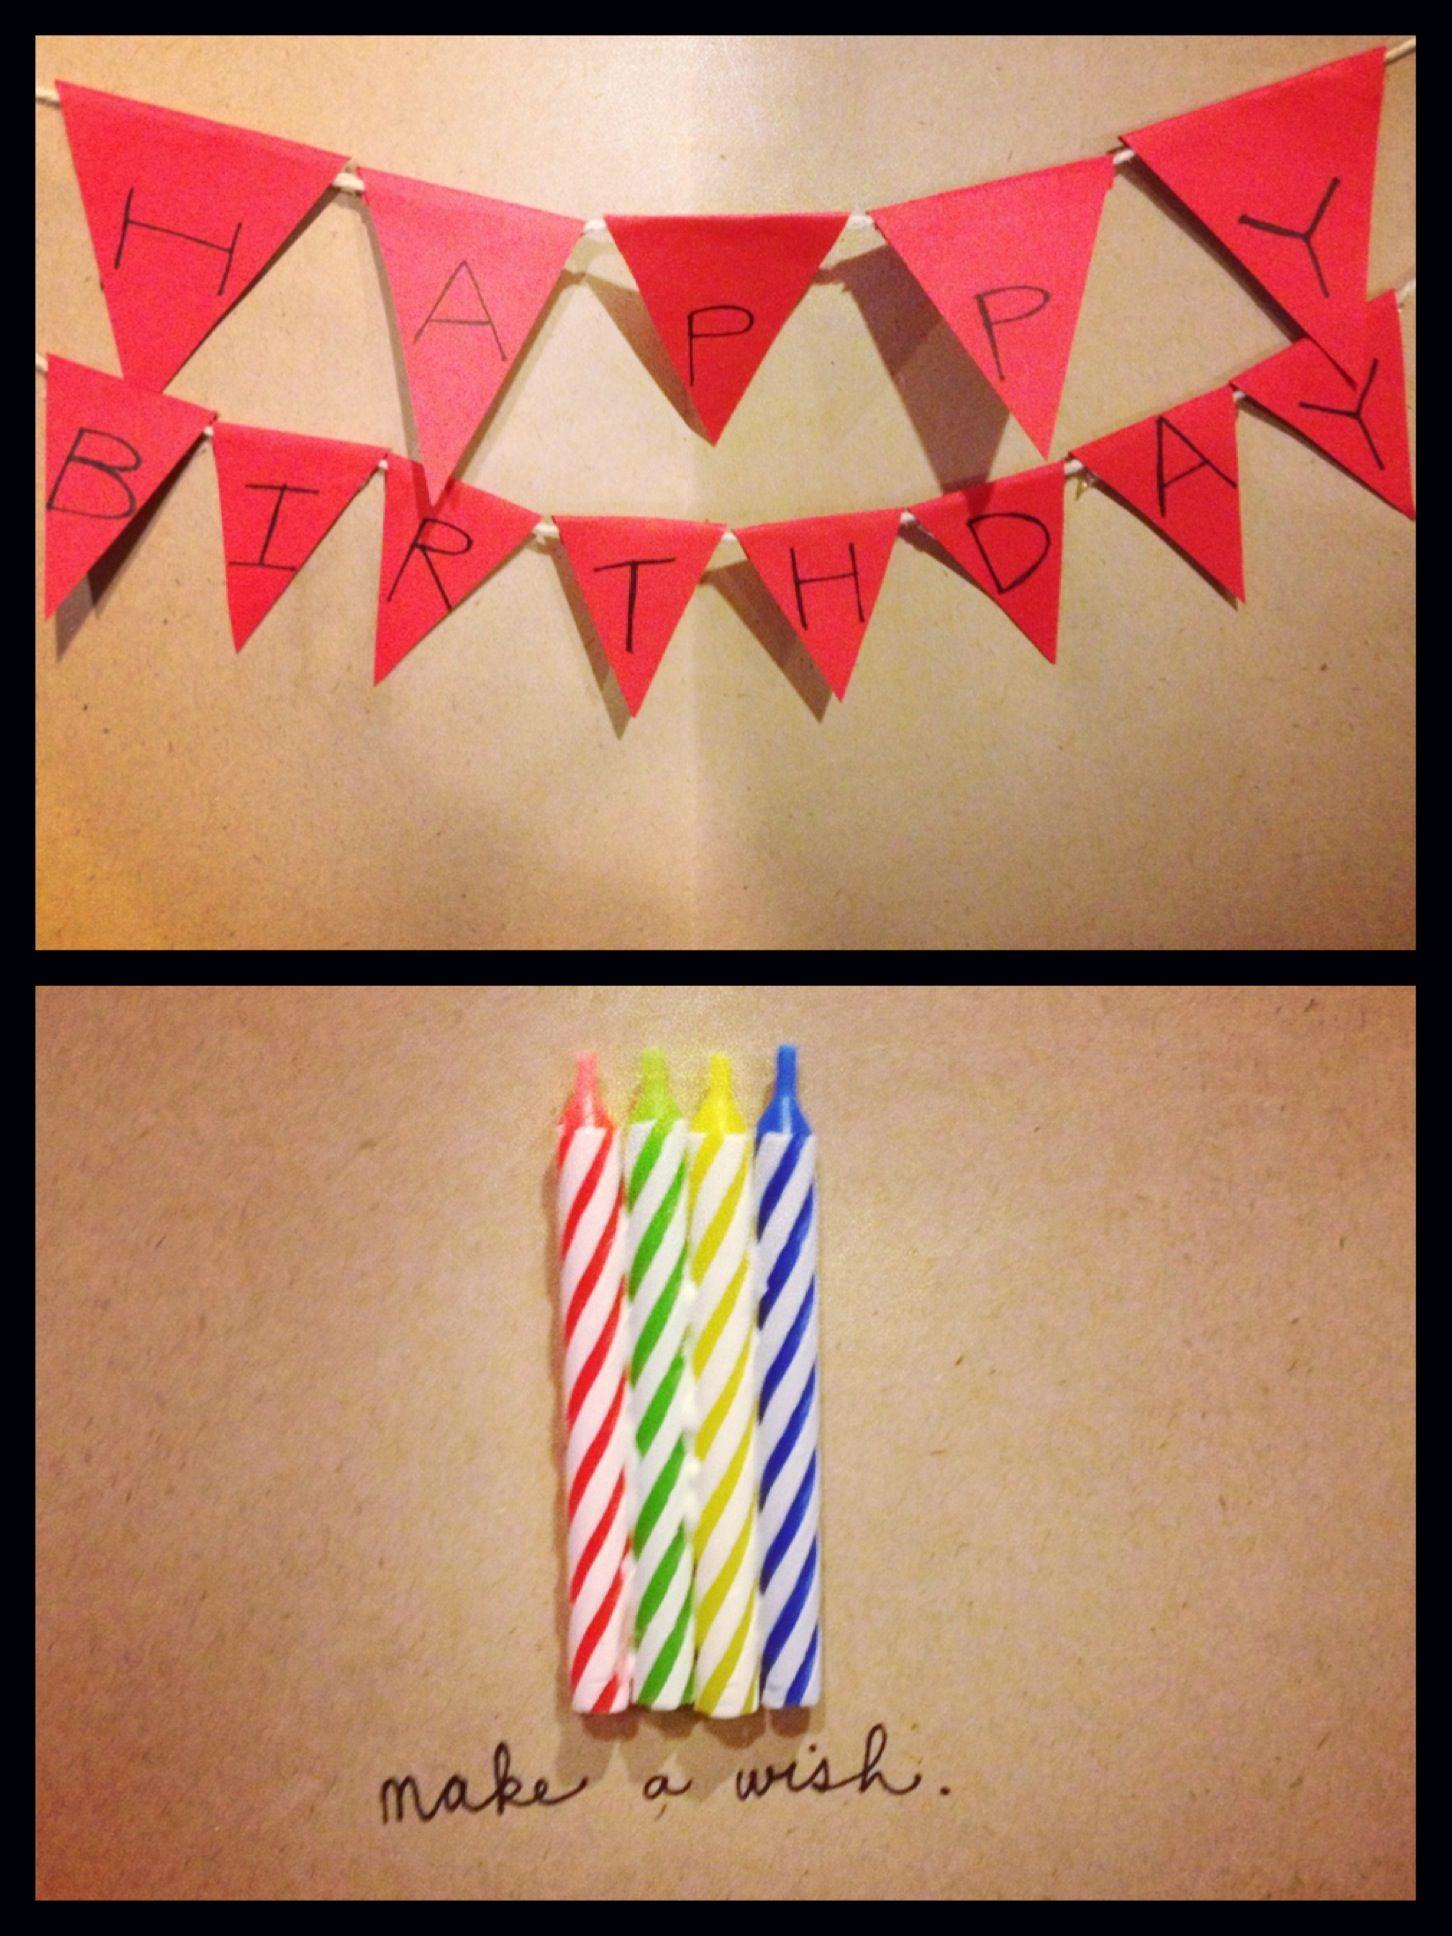 To did isaacs 20th birthday card i was feelin crafty how to did isaac js birthday card i was feelin crafty bookmarktalkfo Images